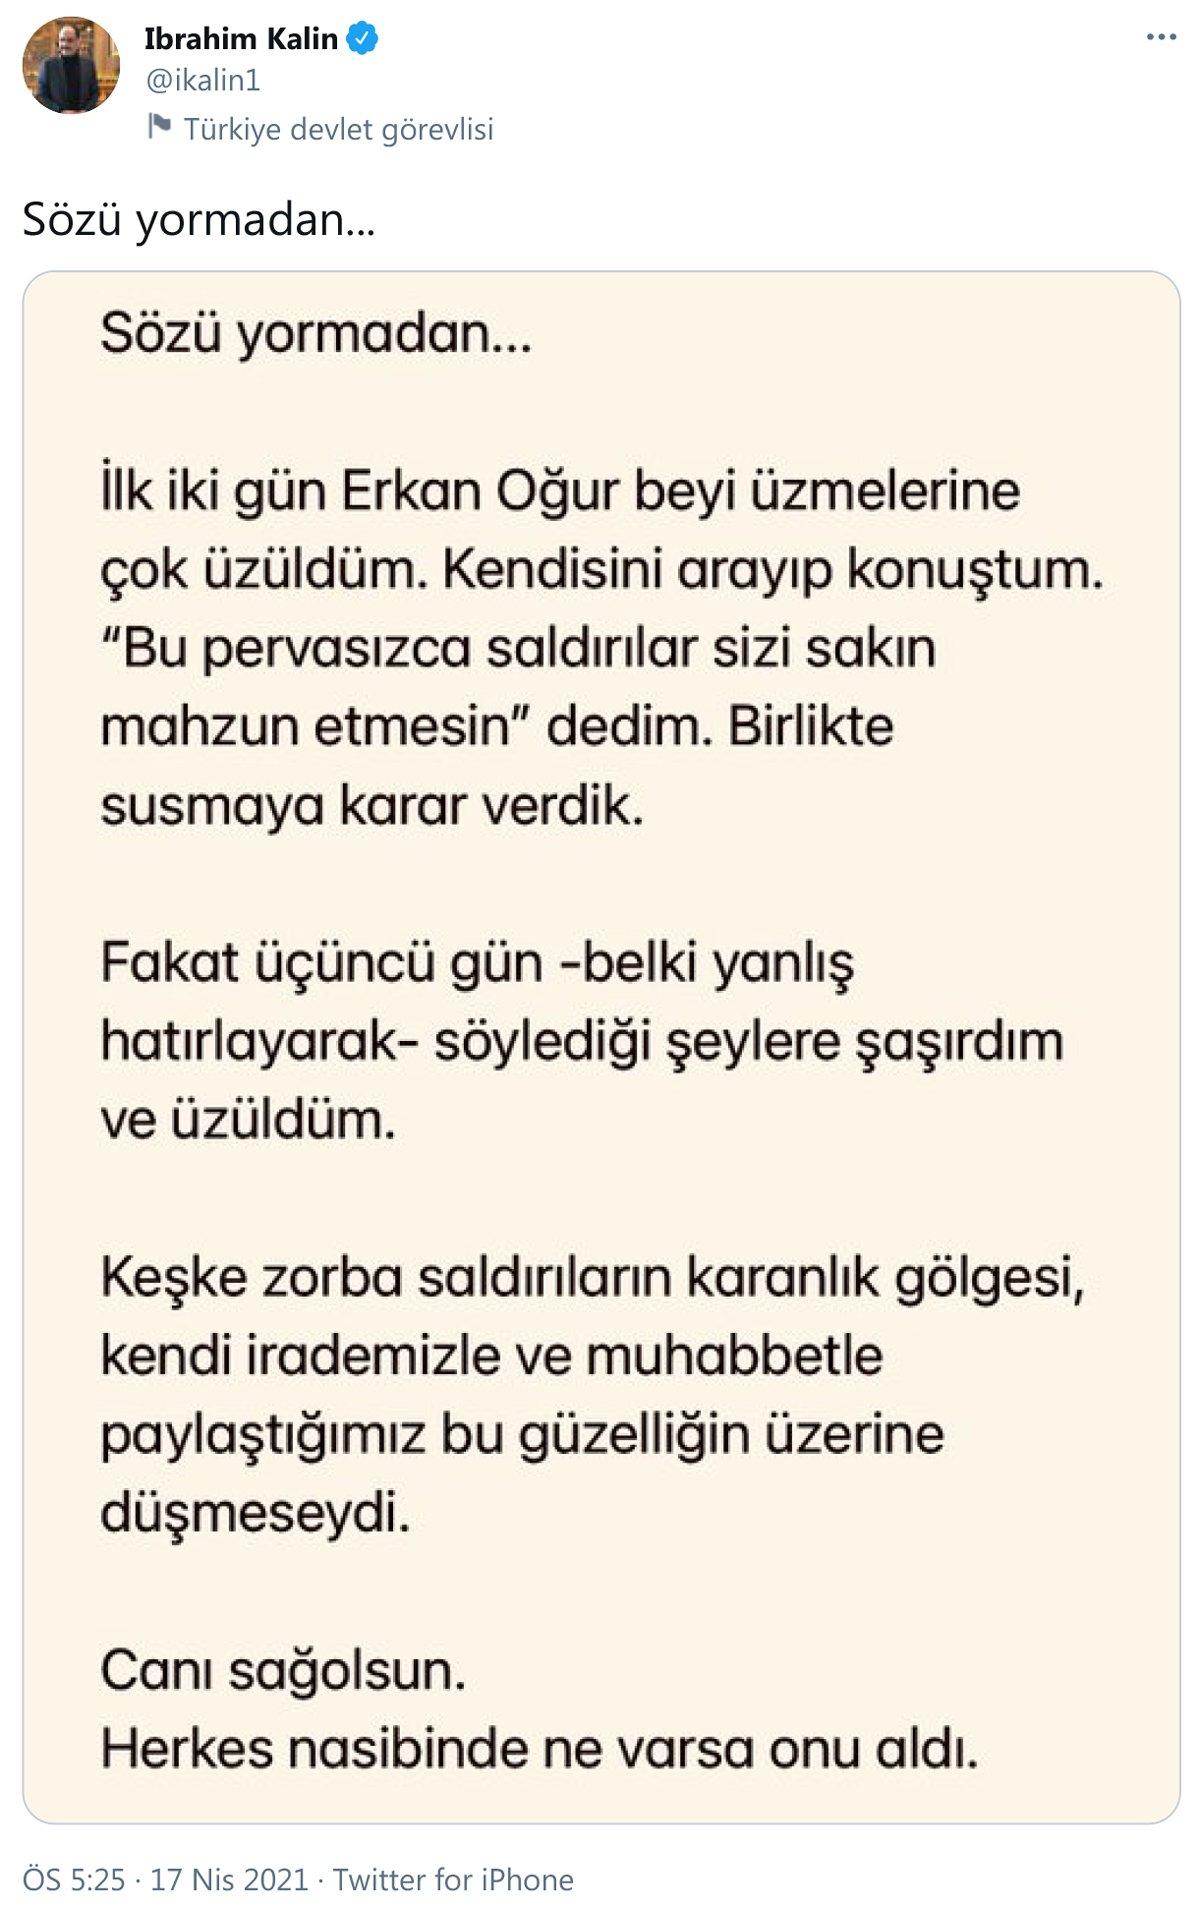 İbrahim Kalın'dan Erkan Oğur açıklaması - Kültür-Sanat haberleri